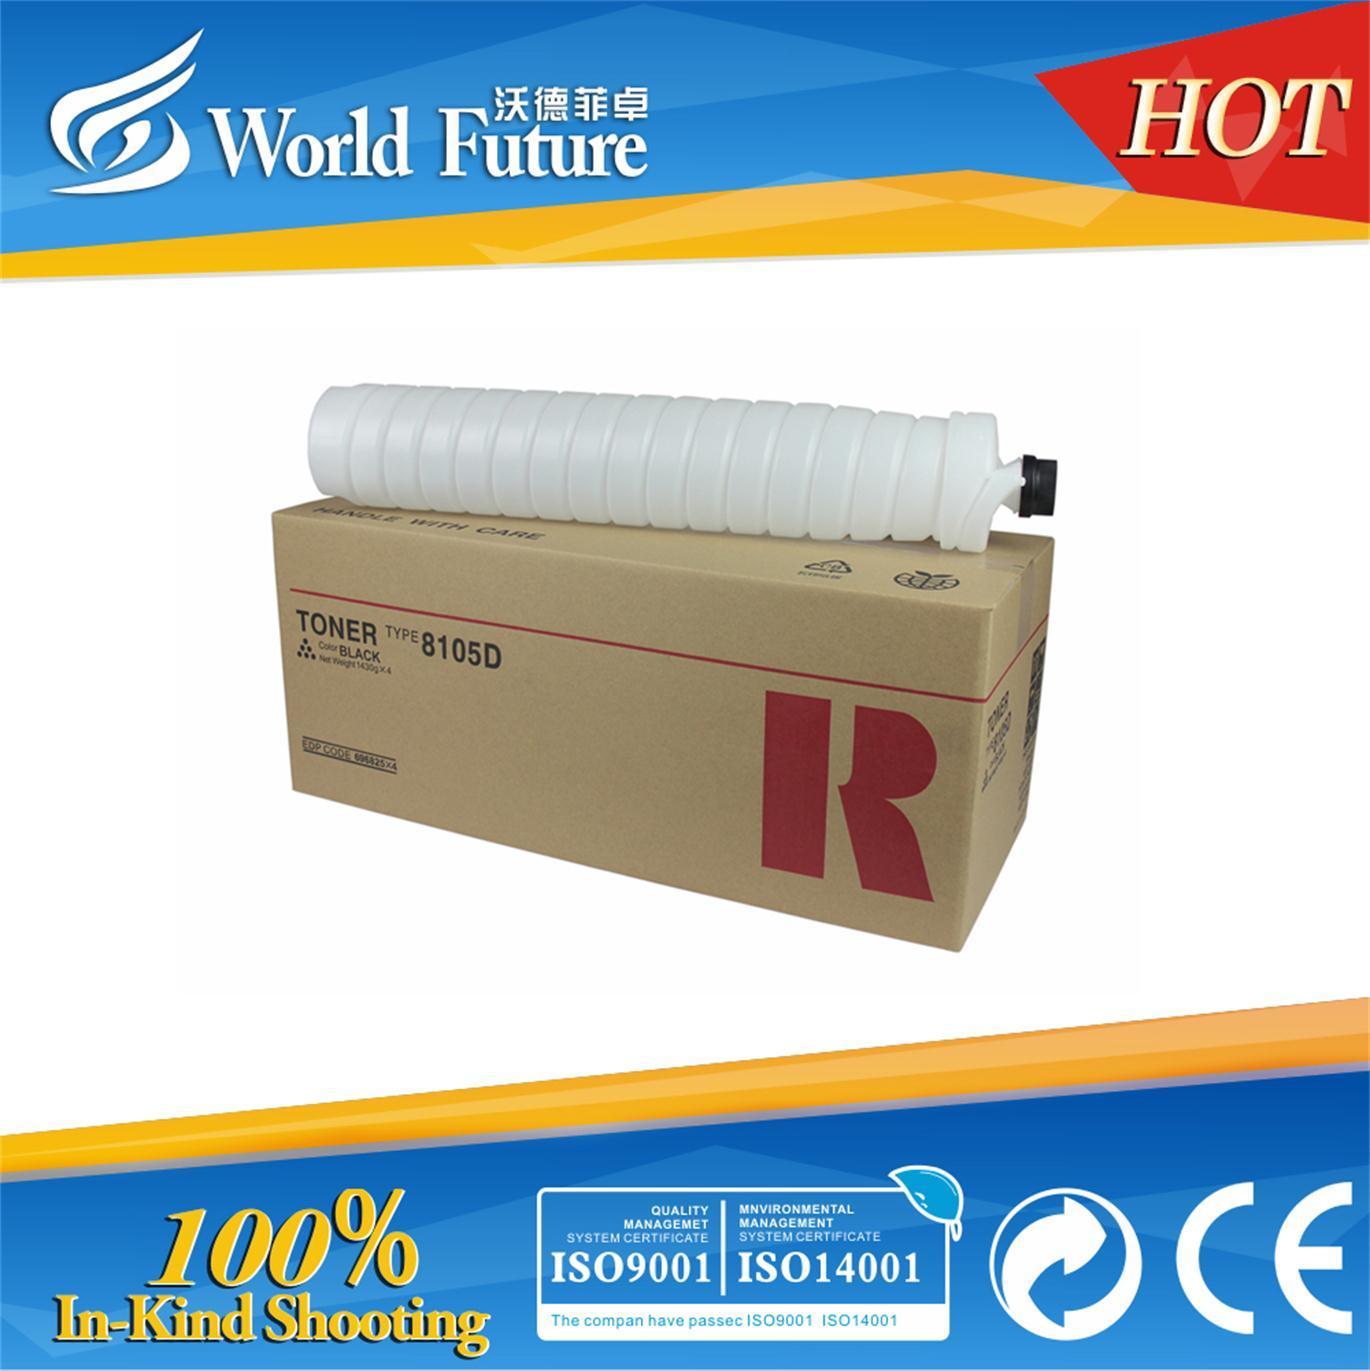 Compatible Laser Copier Toner Cartridge for Ricoh (8105D)